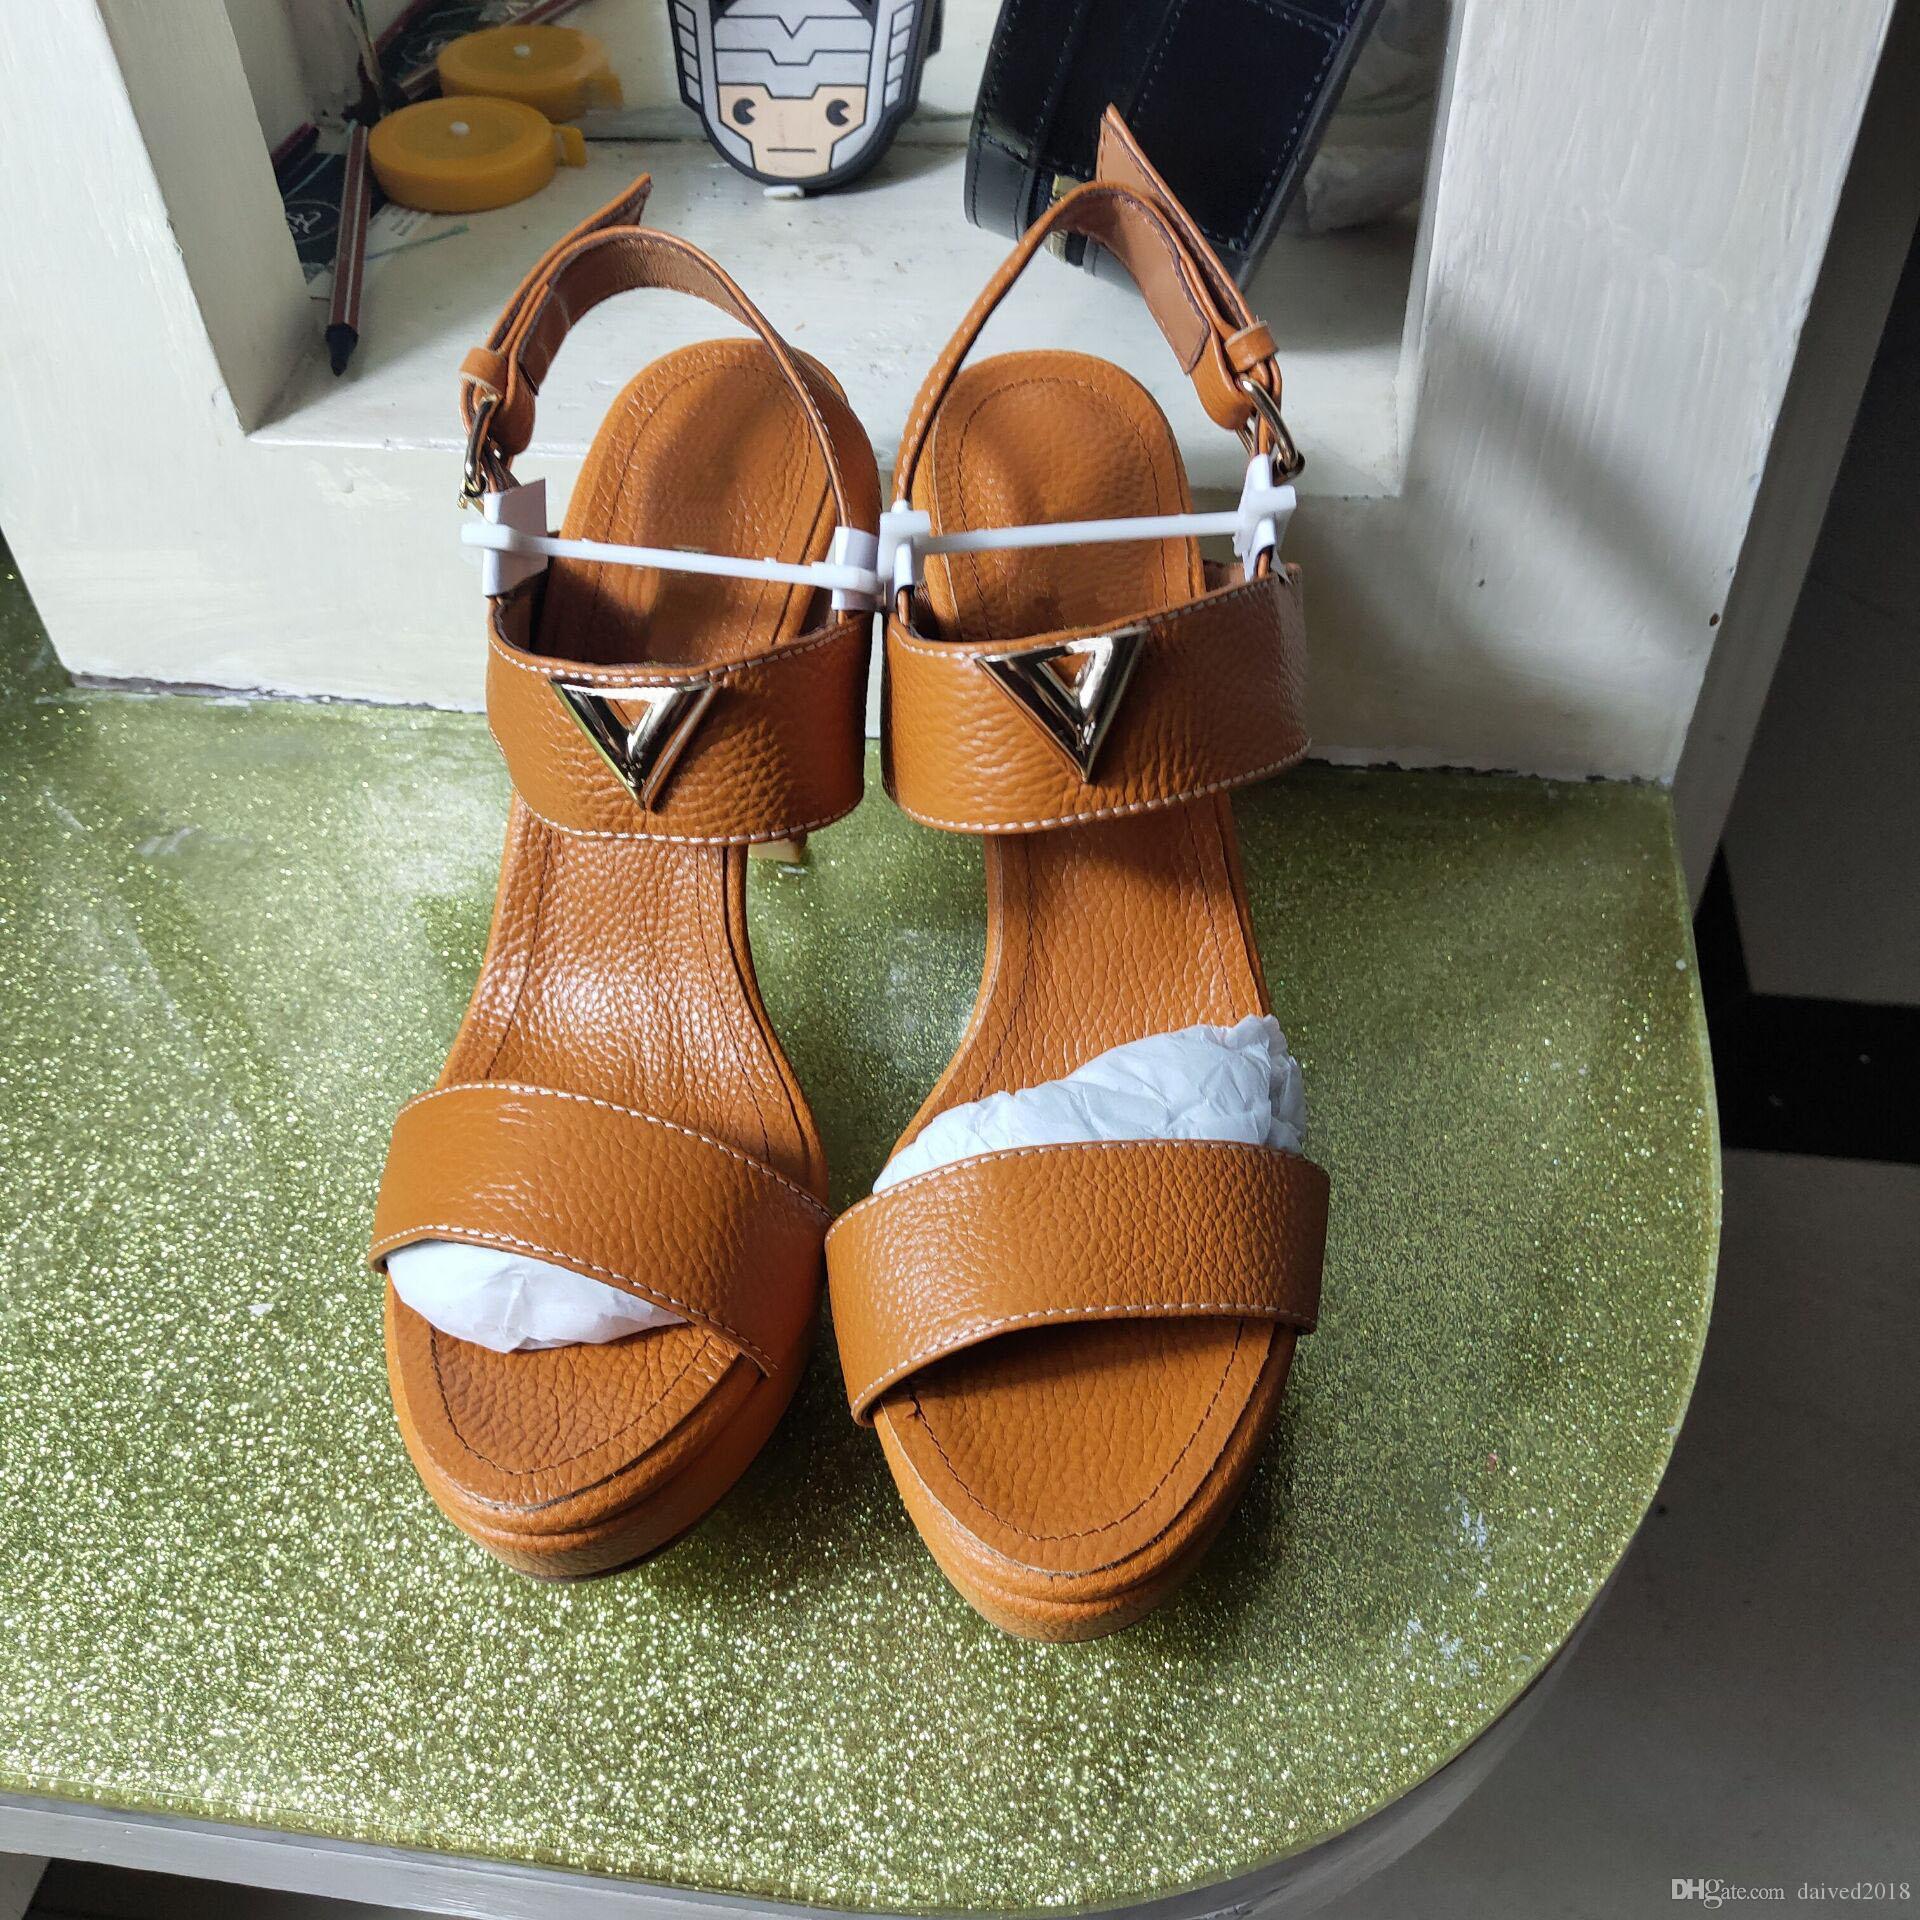 Européen Classique De Luxe Style chaussures de femmes Sandales De Mode Sexy Sandale Golden Letter Décoration Talon Sandales Faire Des Boucles De Ceinture